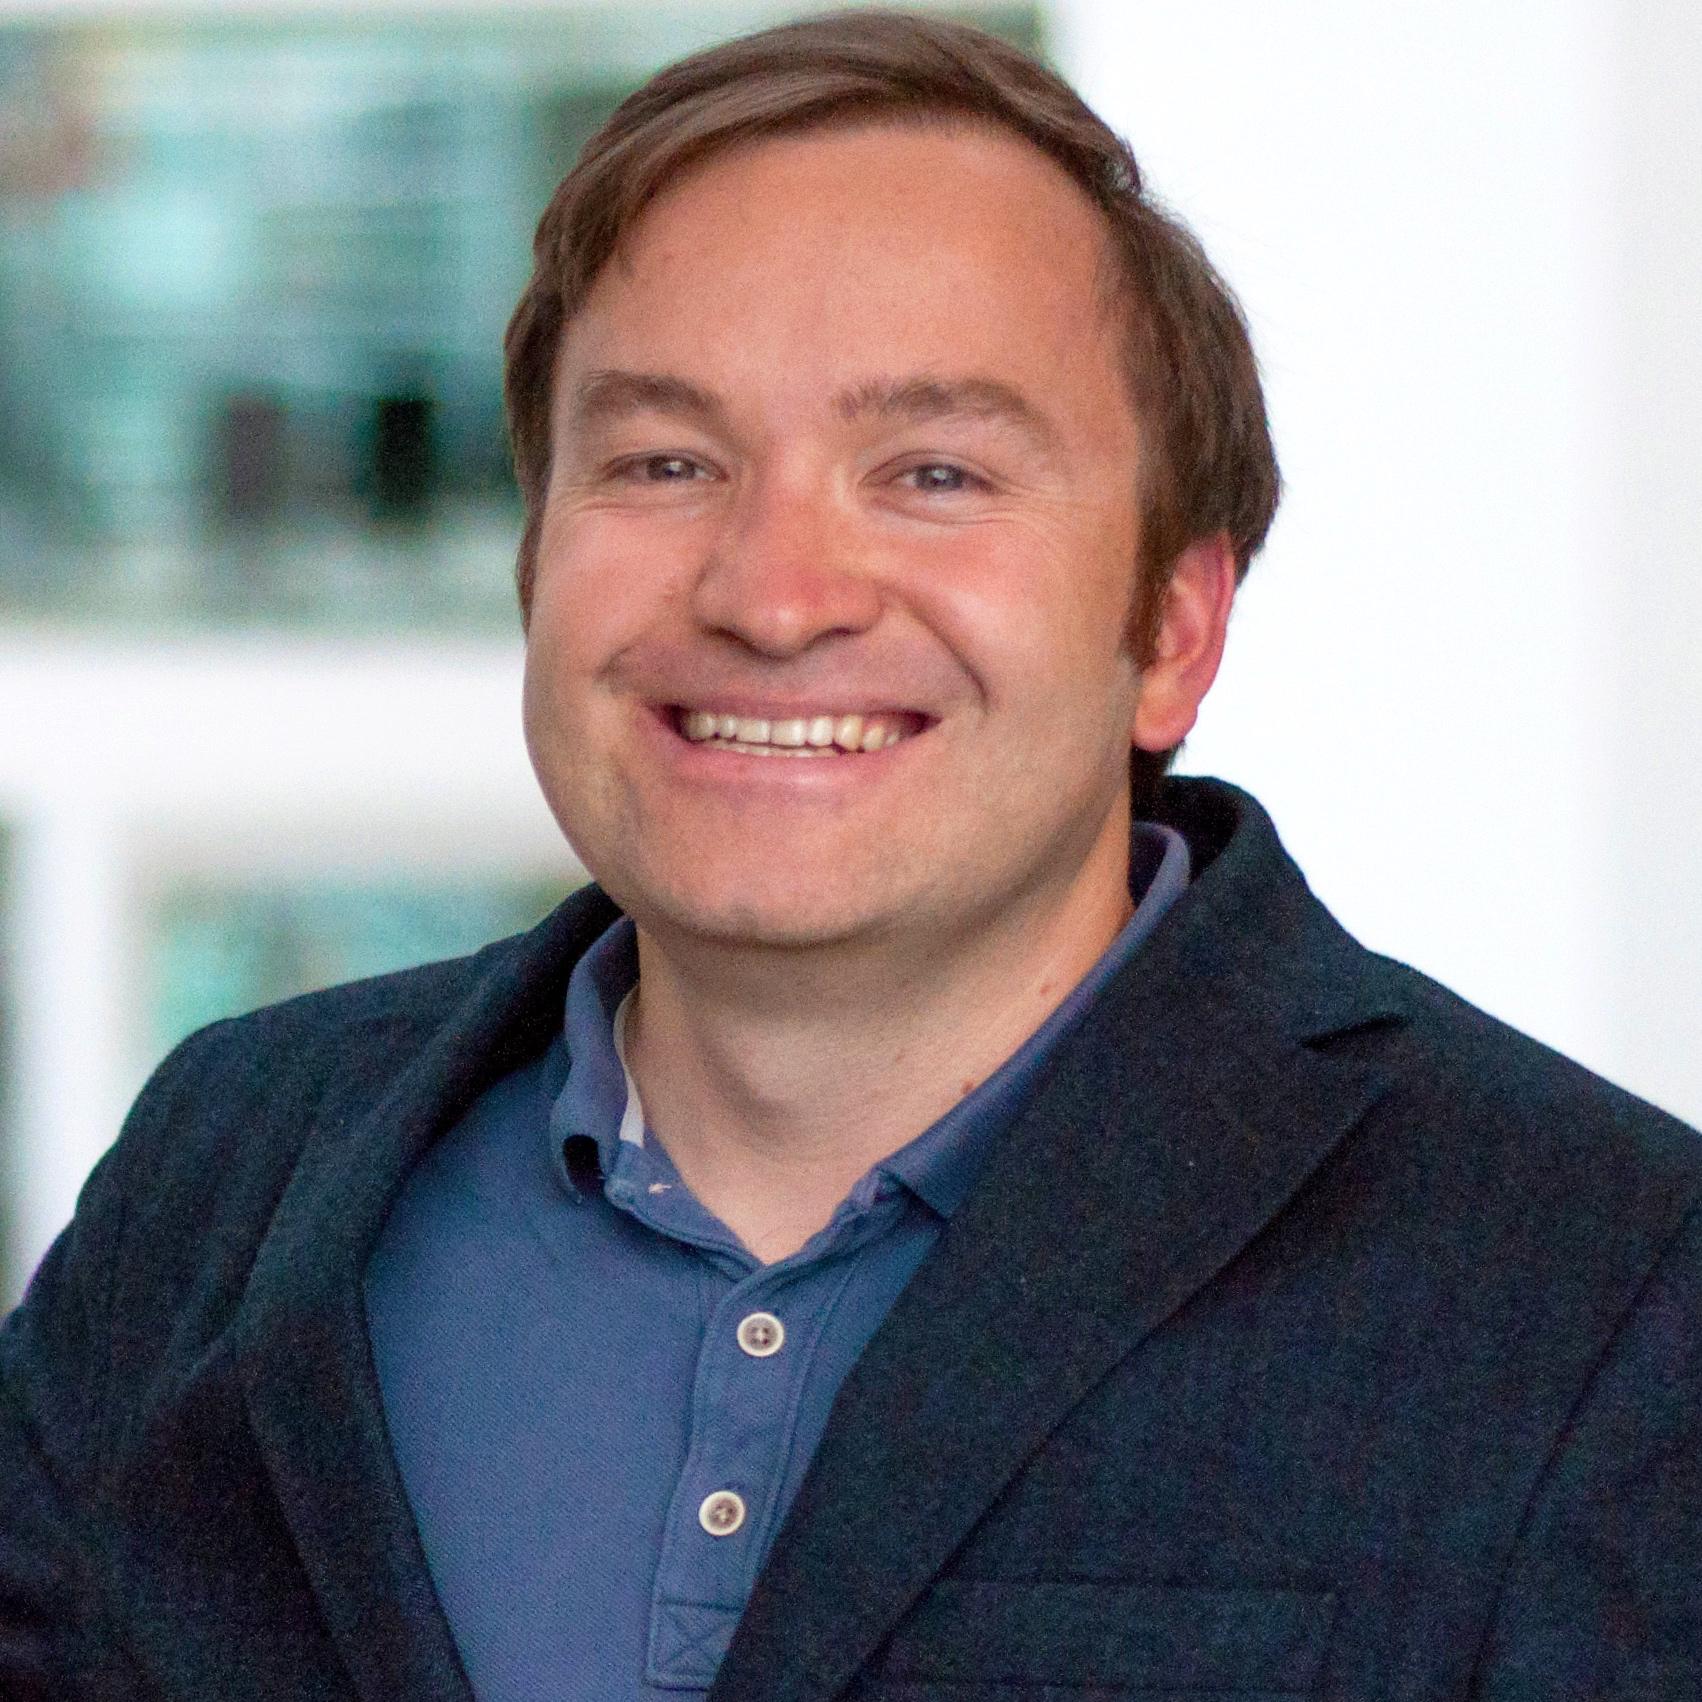 Alex Richter profile picture photograph